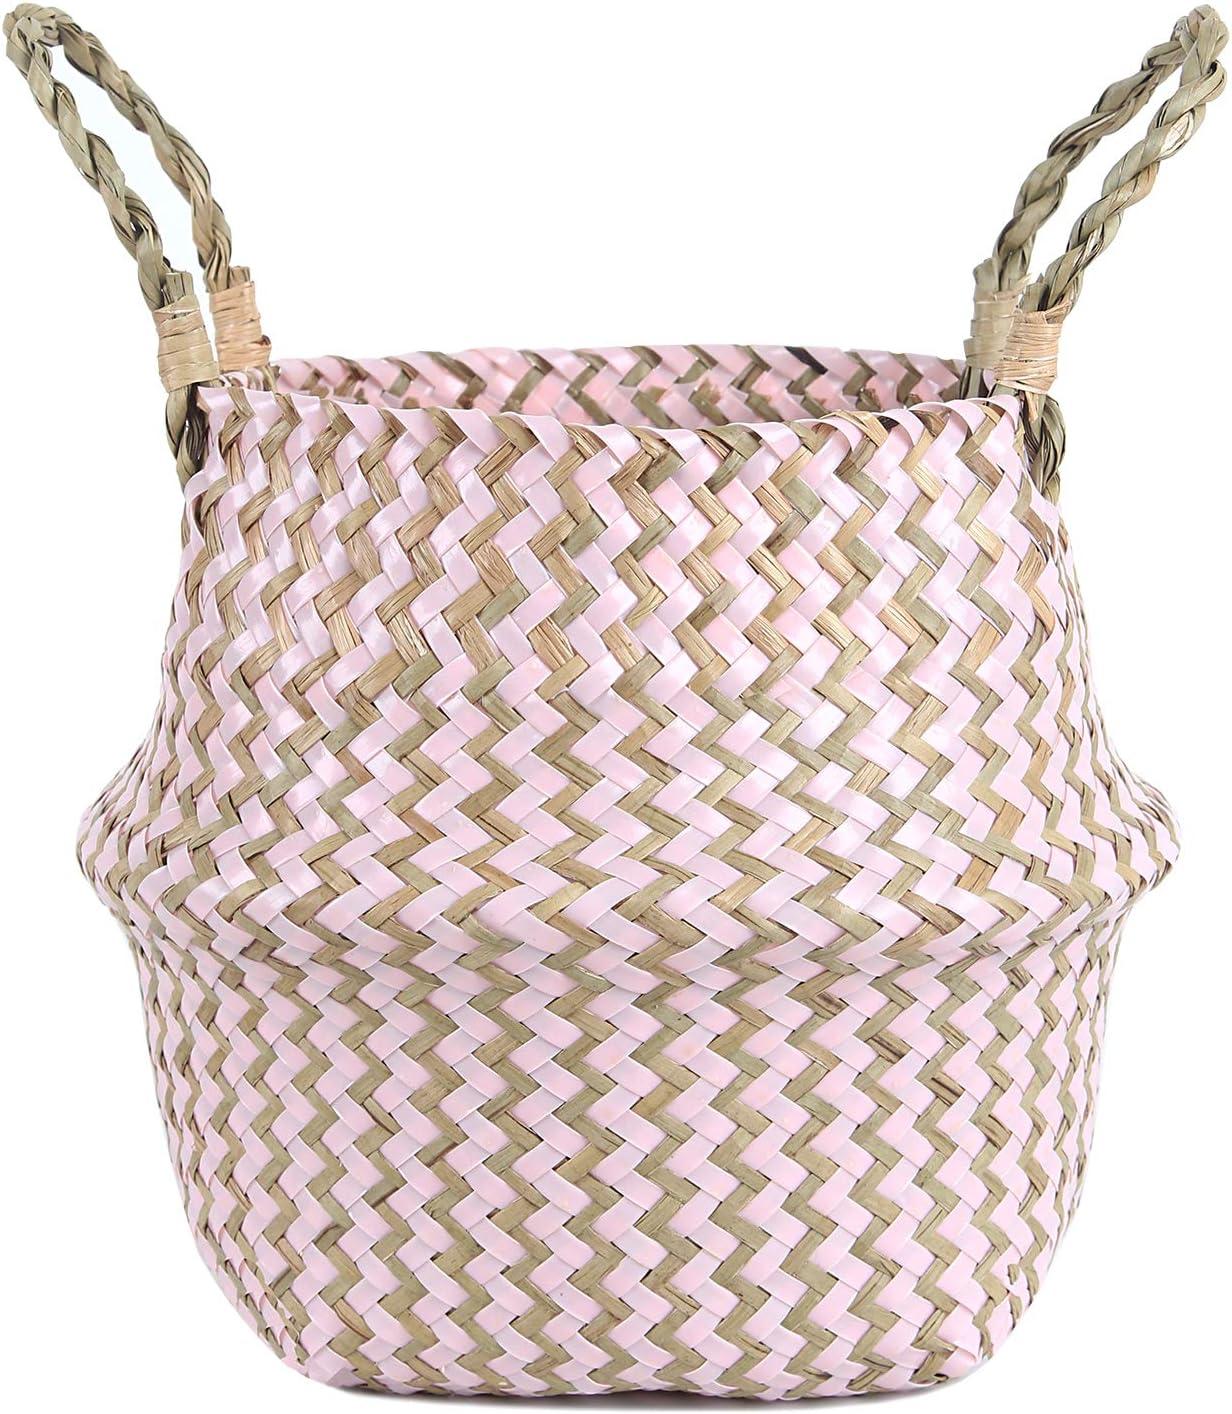 almacenamiento para macetas de frutas Cesta para la colada de mimbre tejida para decoraci/ón del hogar organizador de basura con asa azul Small FEILANDUO